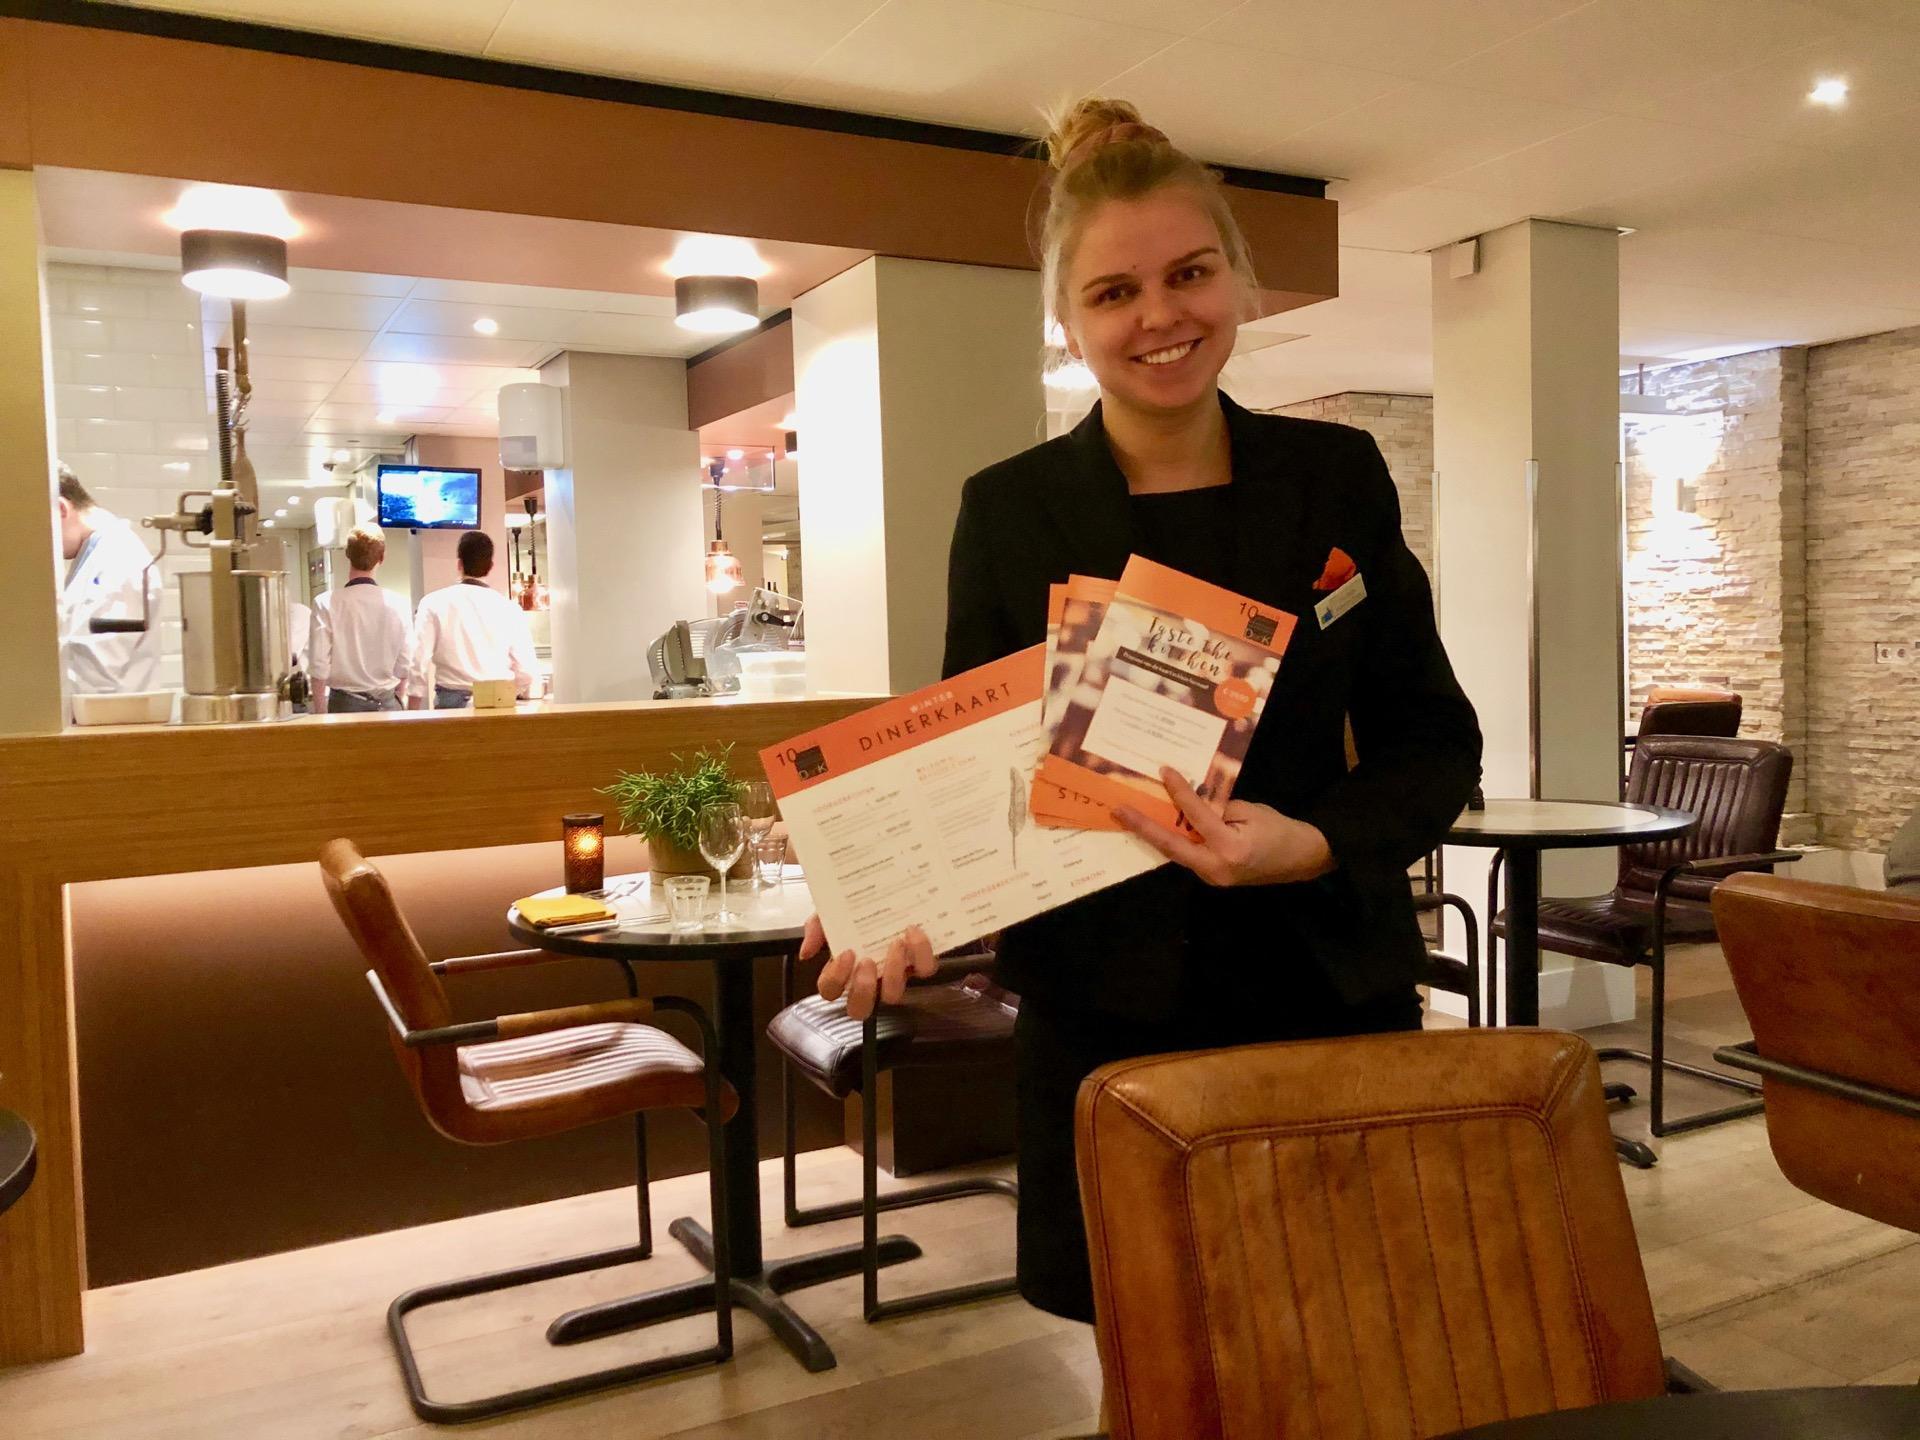 Gastvrouw DenK Velsen City Blog